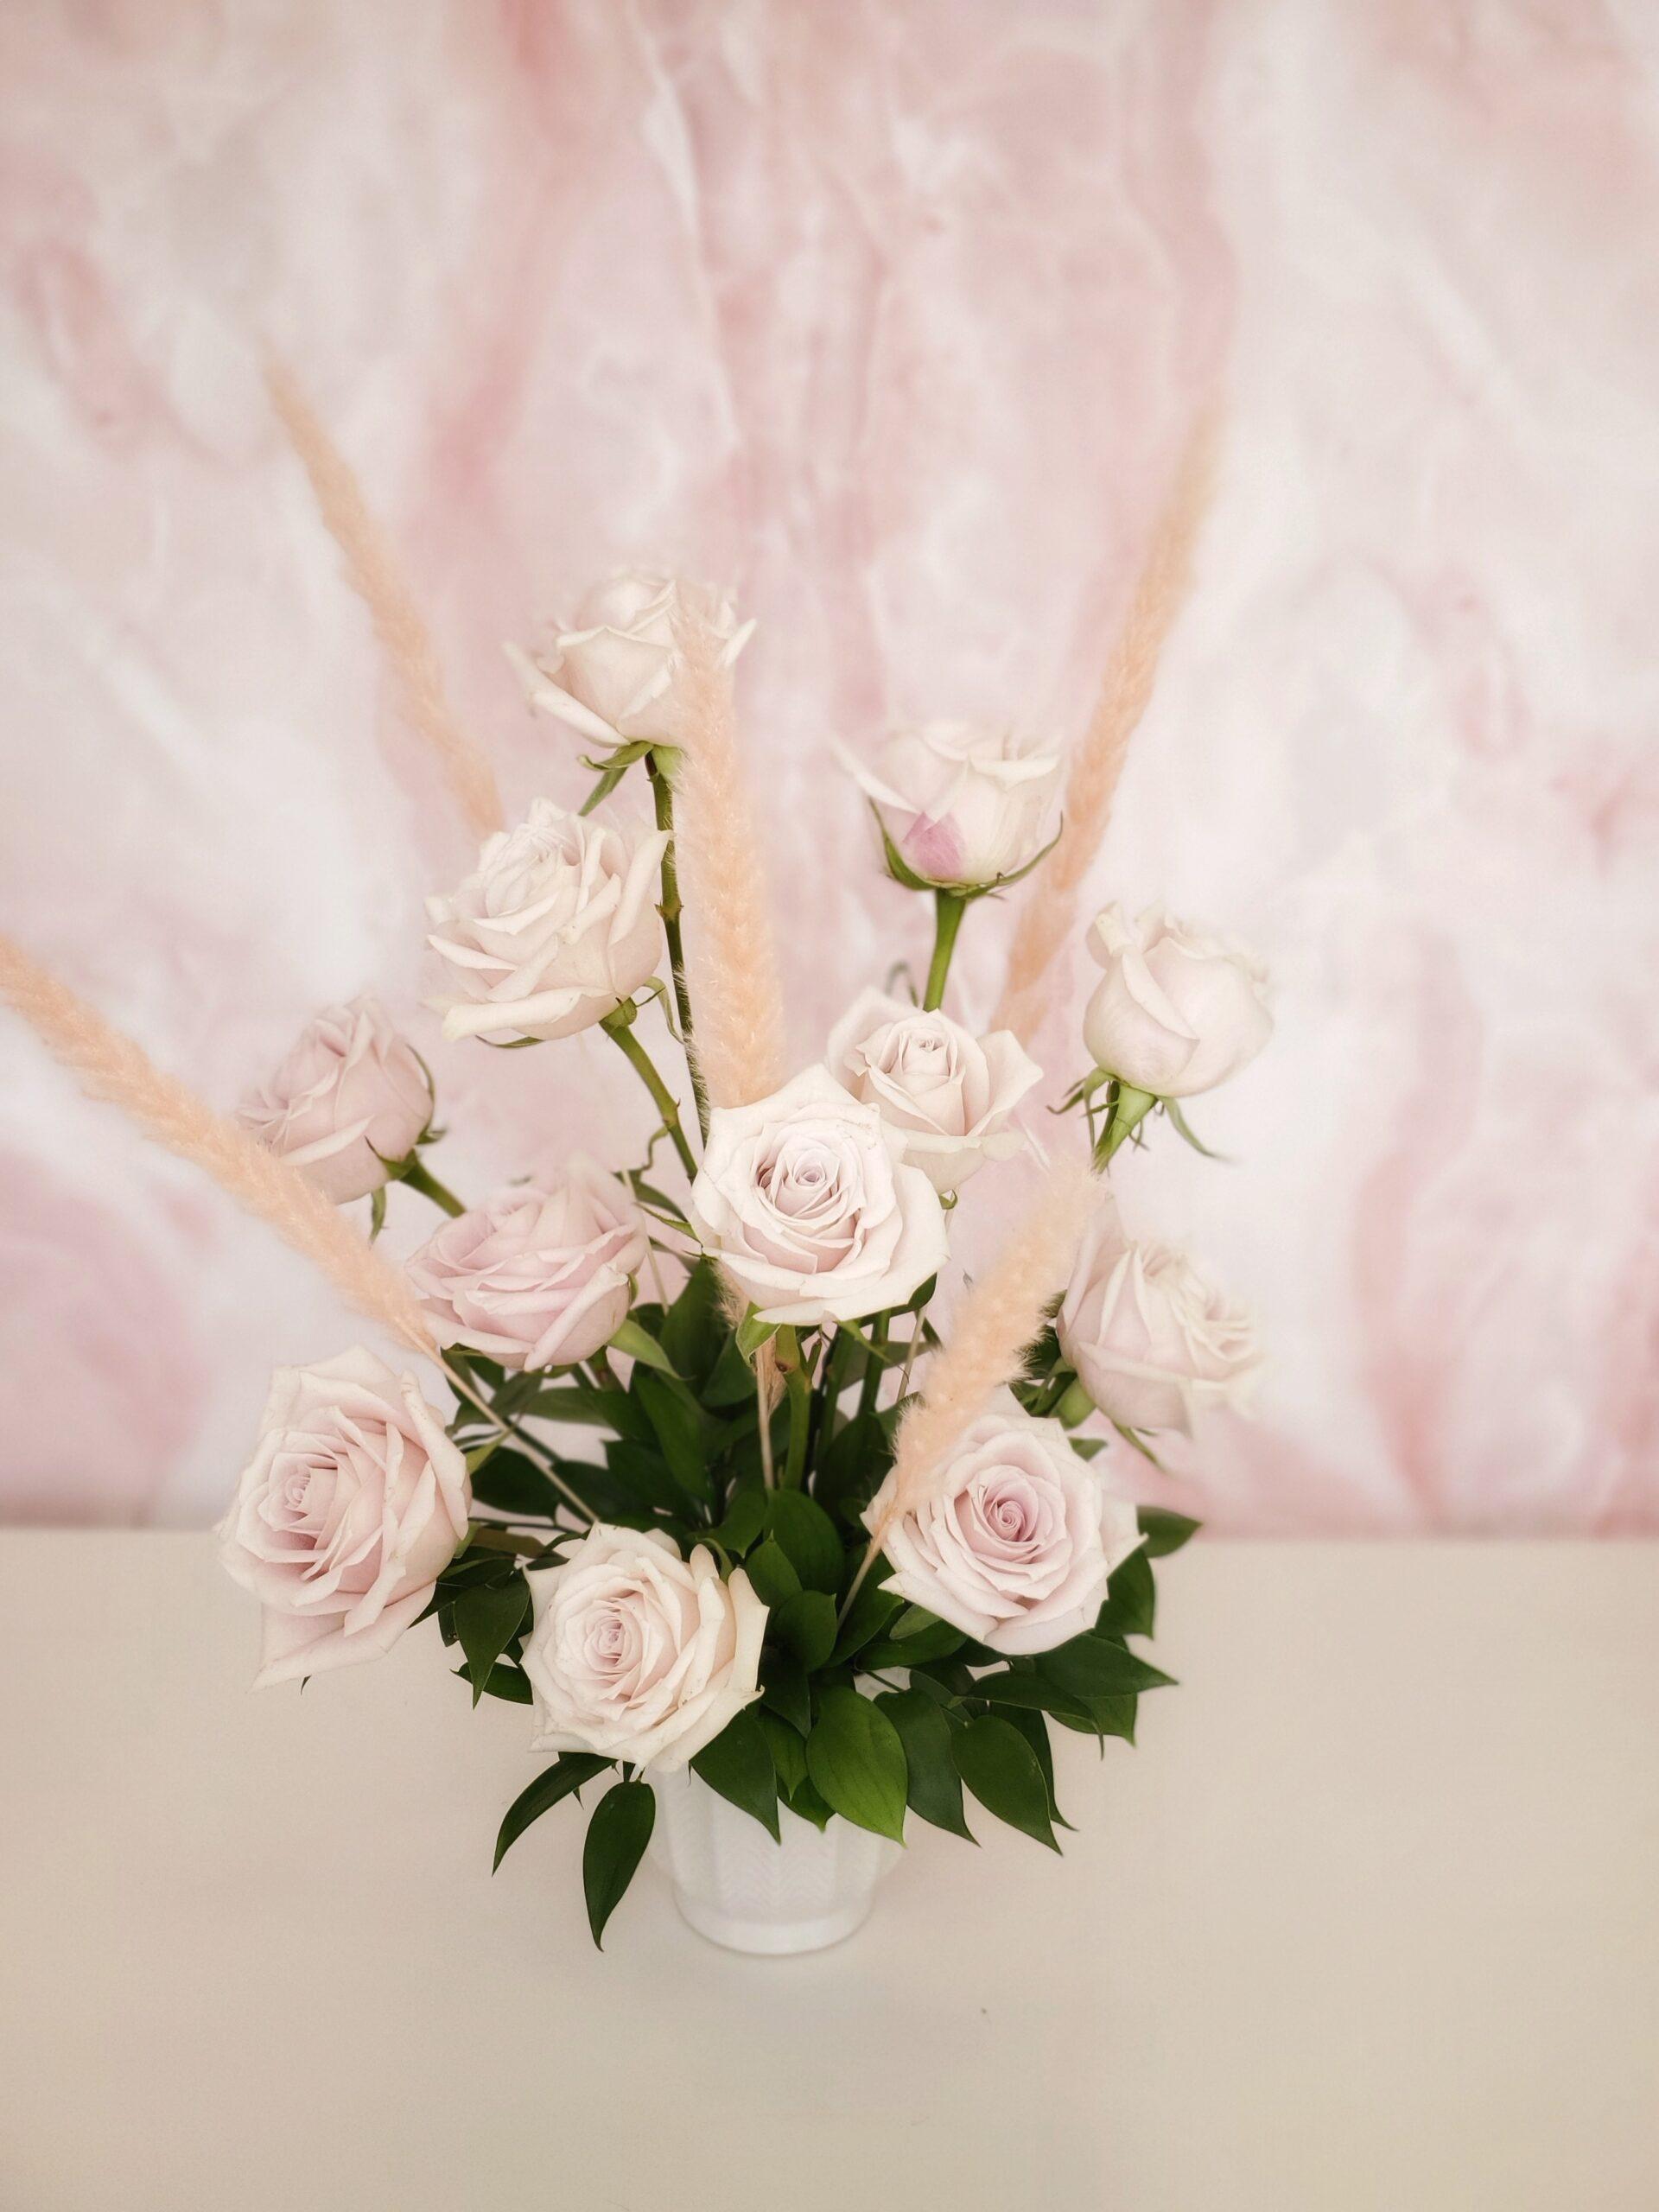 vday-Dozen Roses in Vase Blush